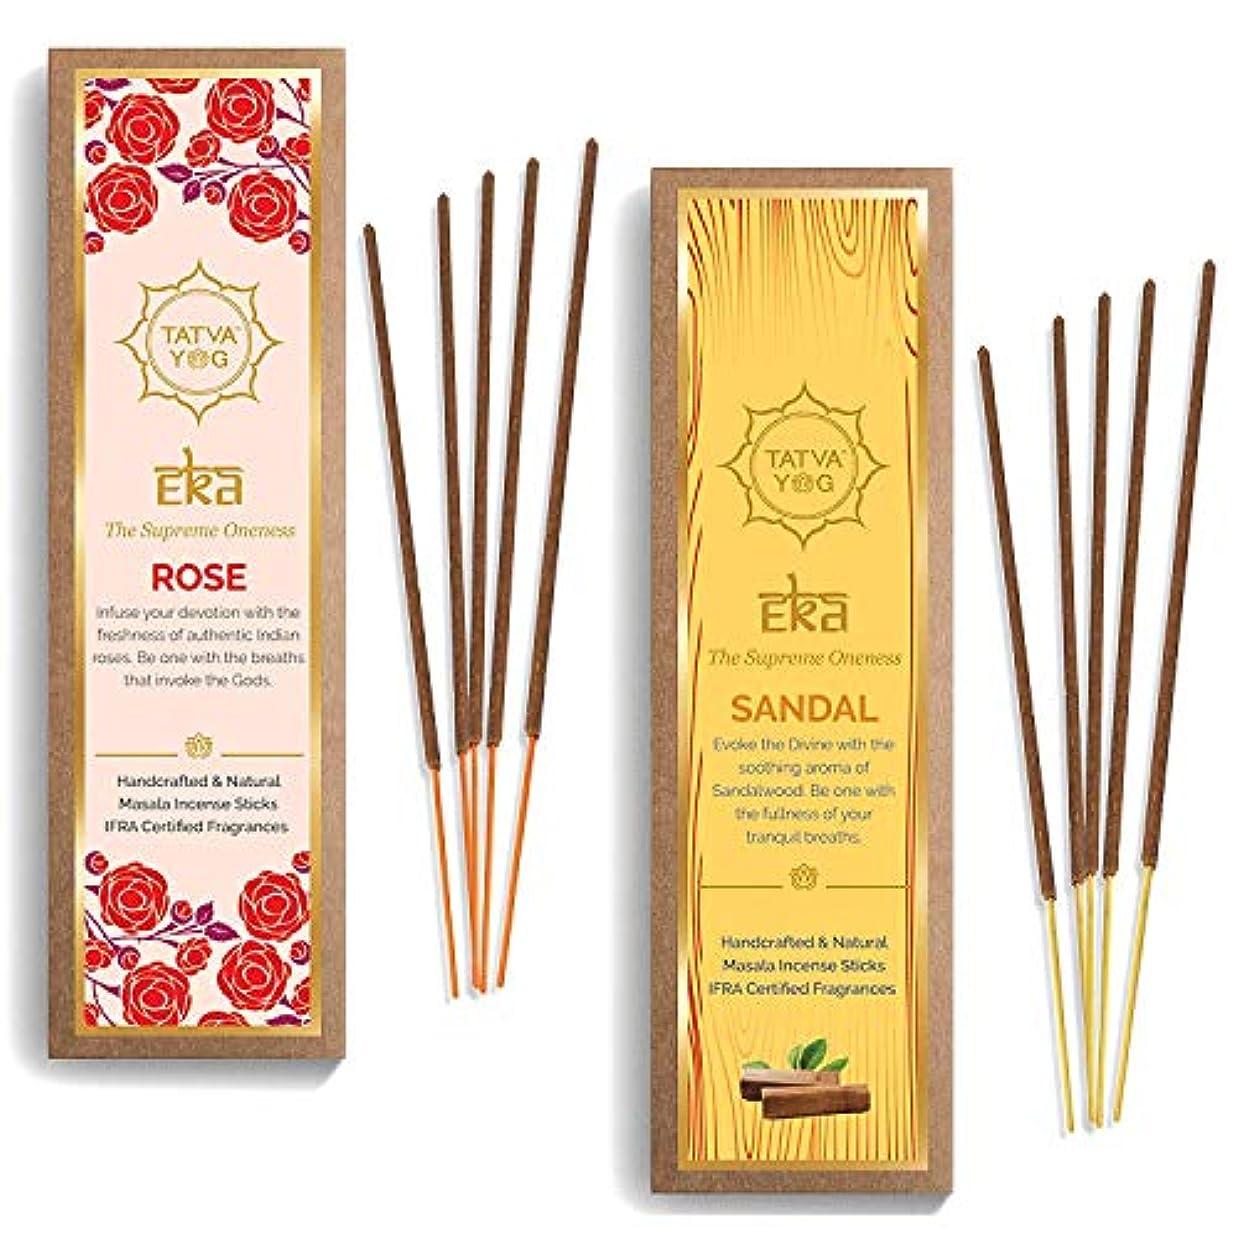 引き金編集者目の前のTatva YOG - Eka Rose and Sandal Handcrafted Natural Masala Incense Sticks